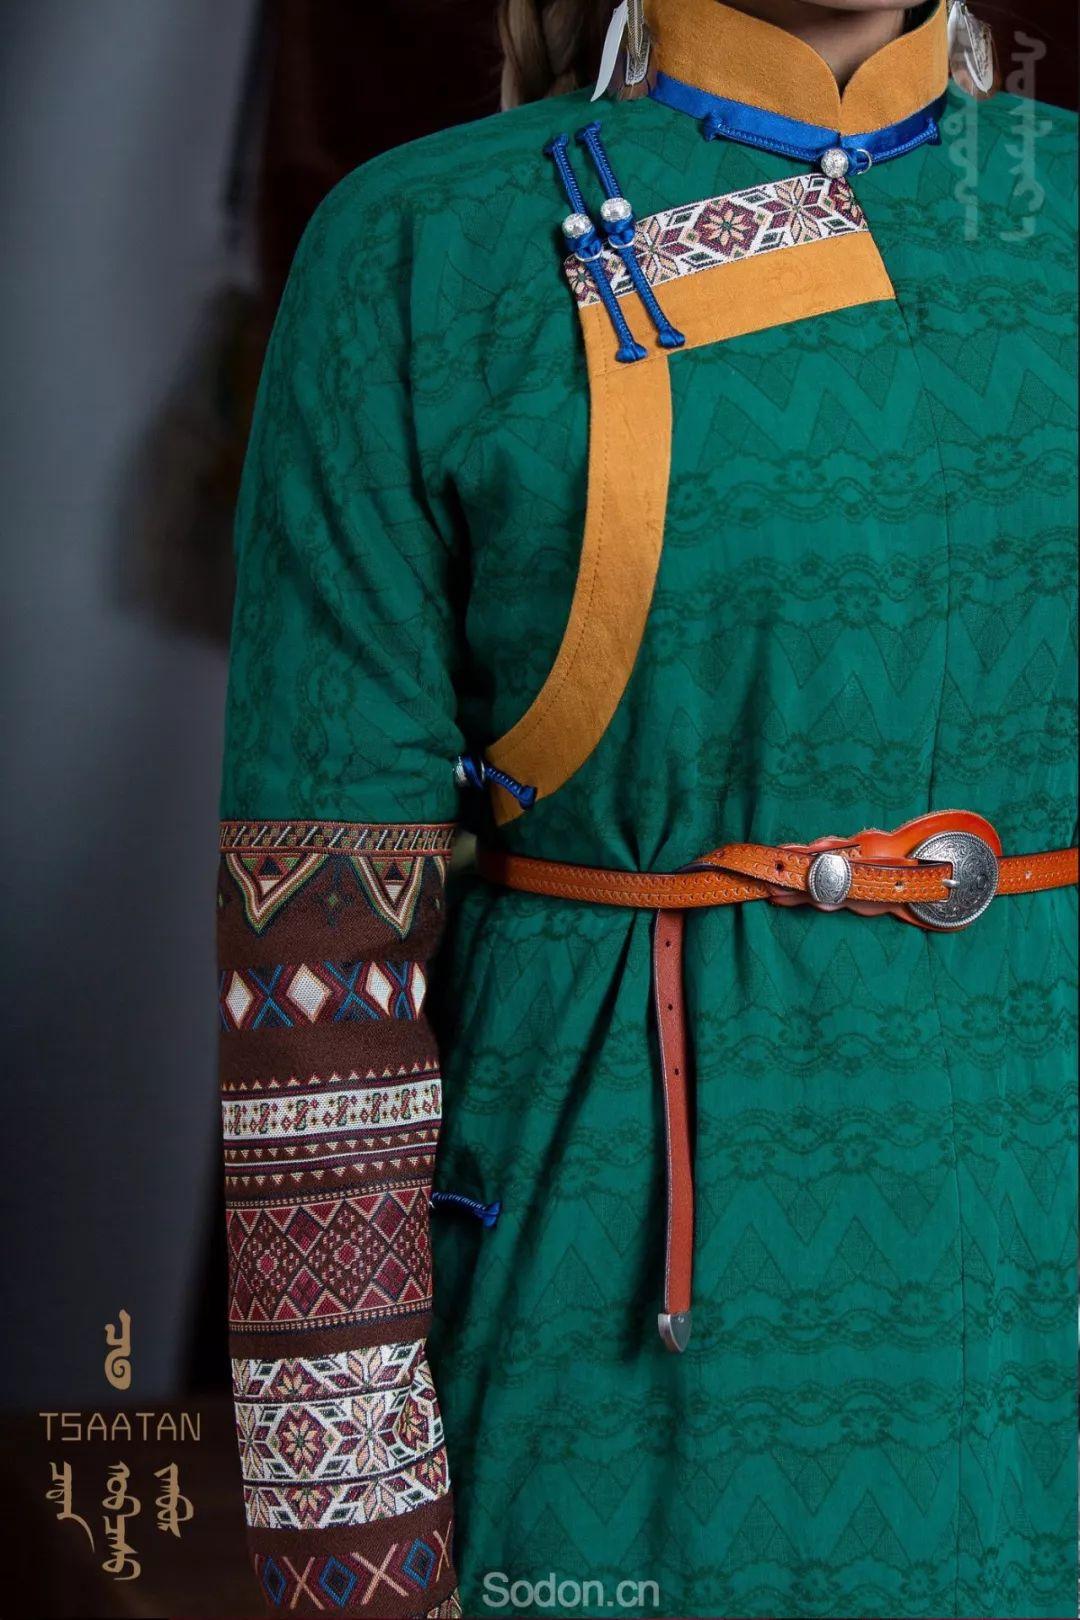 TSAATAN蒙古时装秋冬系列,来自驯鹿人的独特魅力! 第67张 TSAATAN蒙古时装秋冬系列,来自驯鹿人的独特魅力! 蒙古服饰